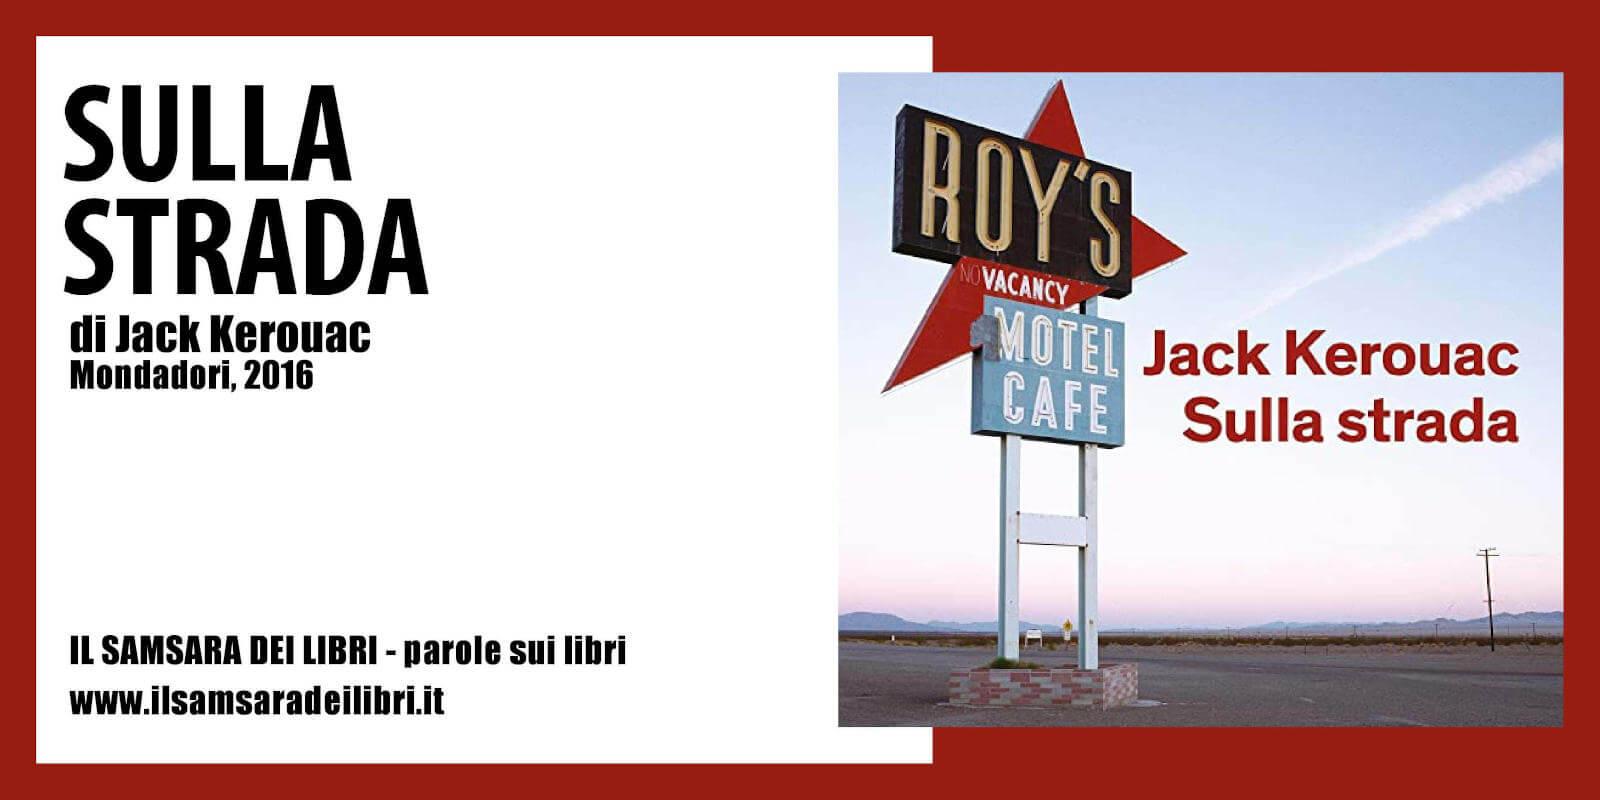 Immagine dellla copertina dedicata a Sulla Strada di Jack Kerouac